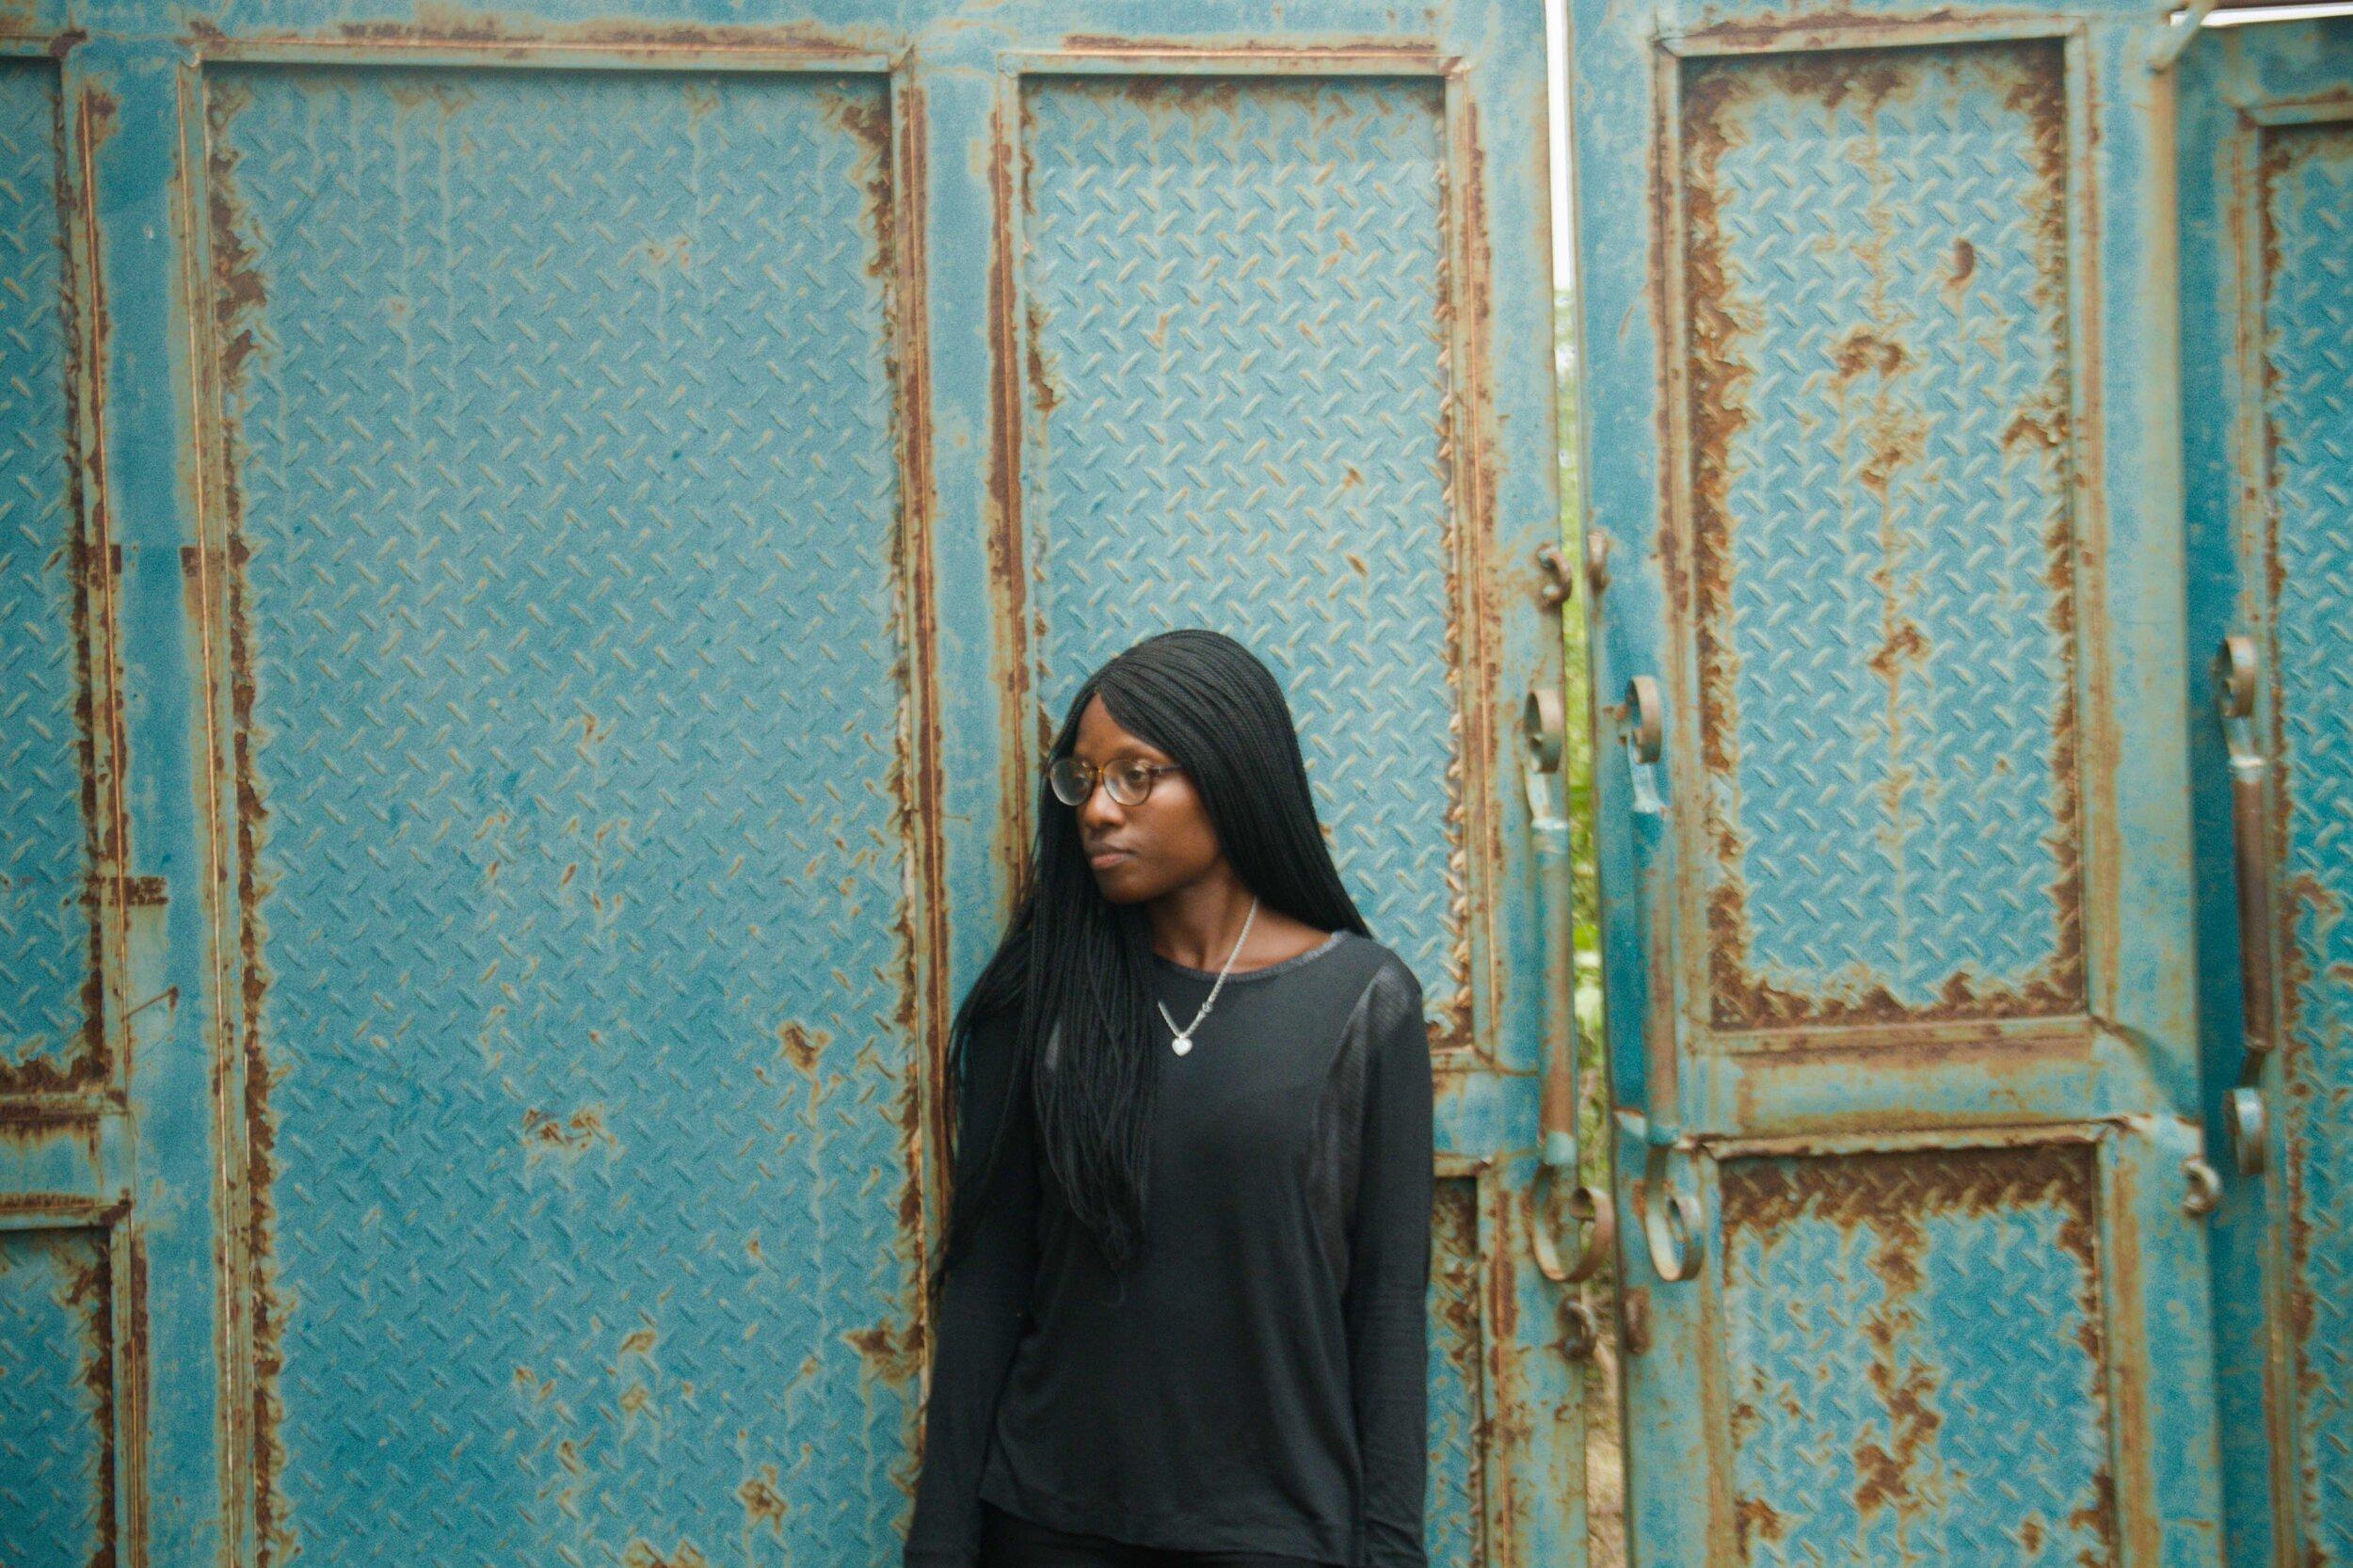 © Adeboro Odunlami/Unsplash